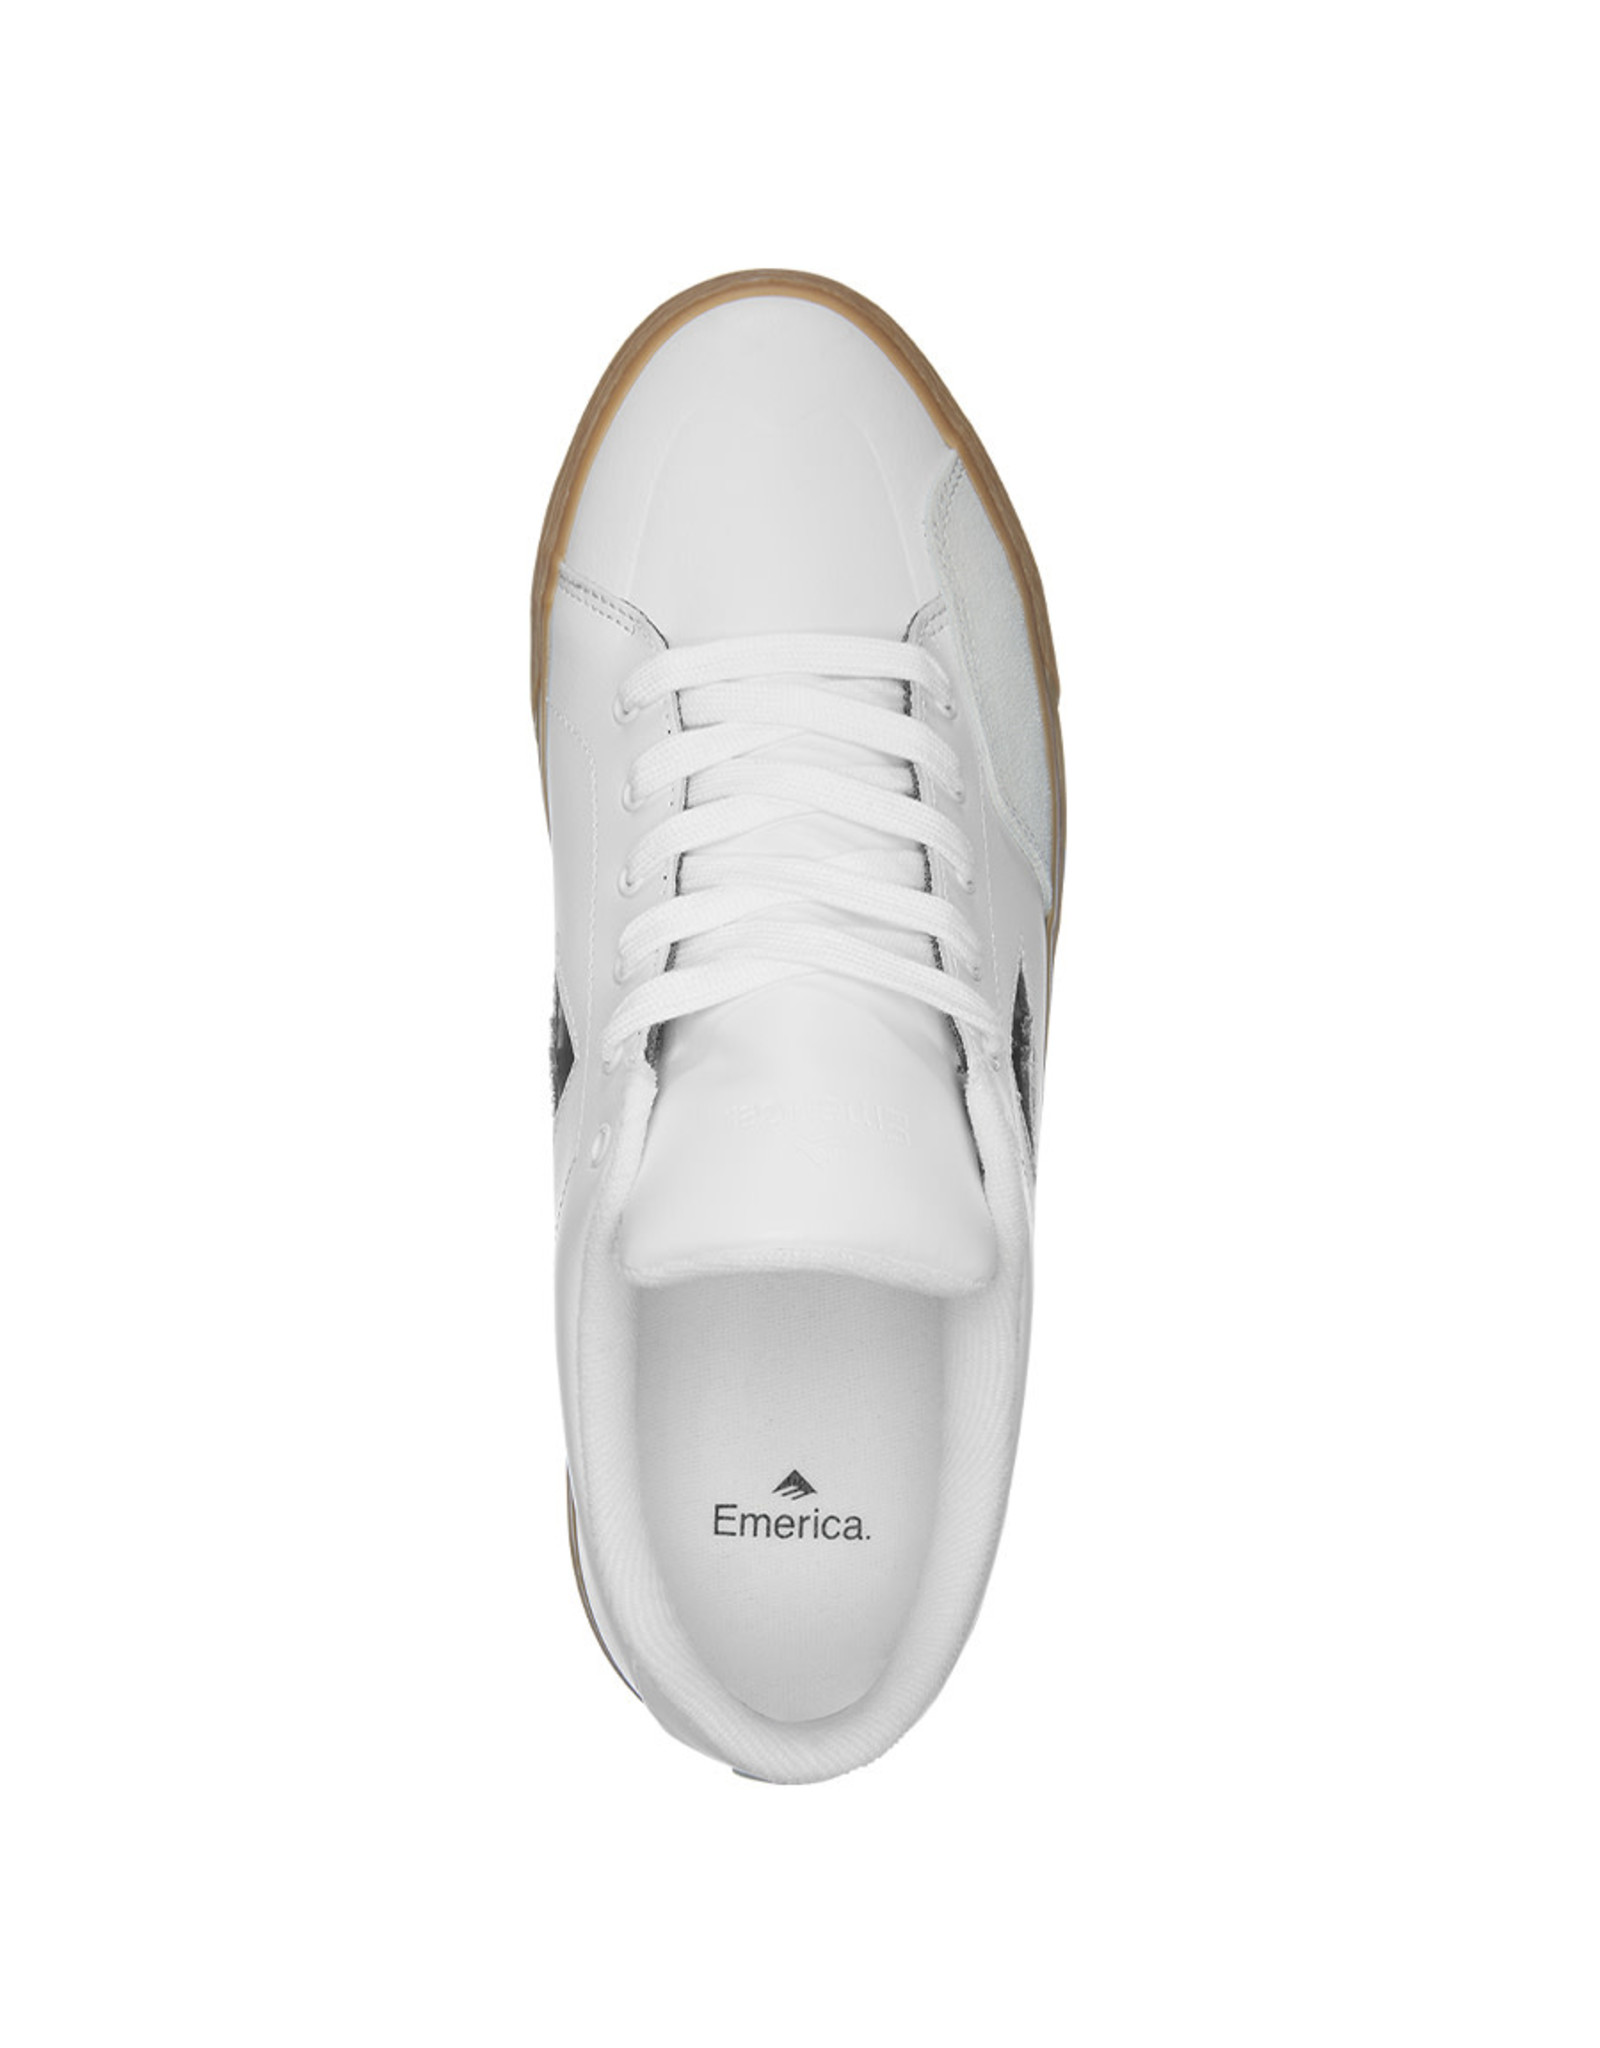 Emerica Emerica Shoe Temple (White/Gum)